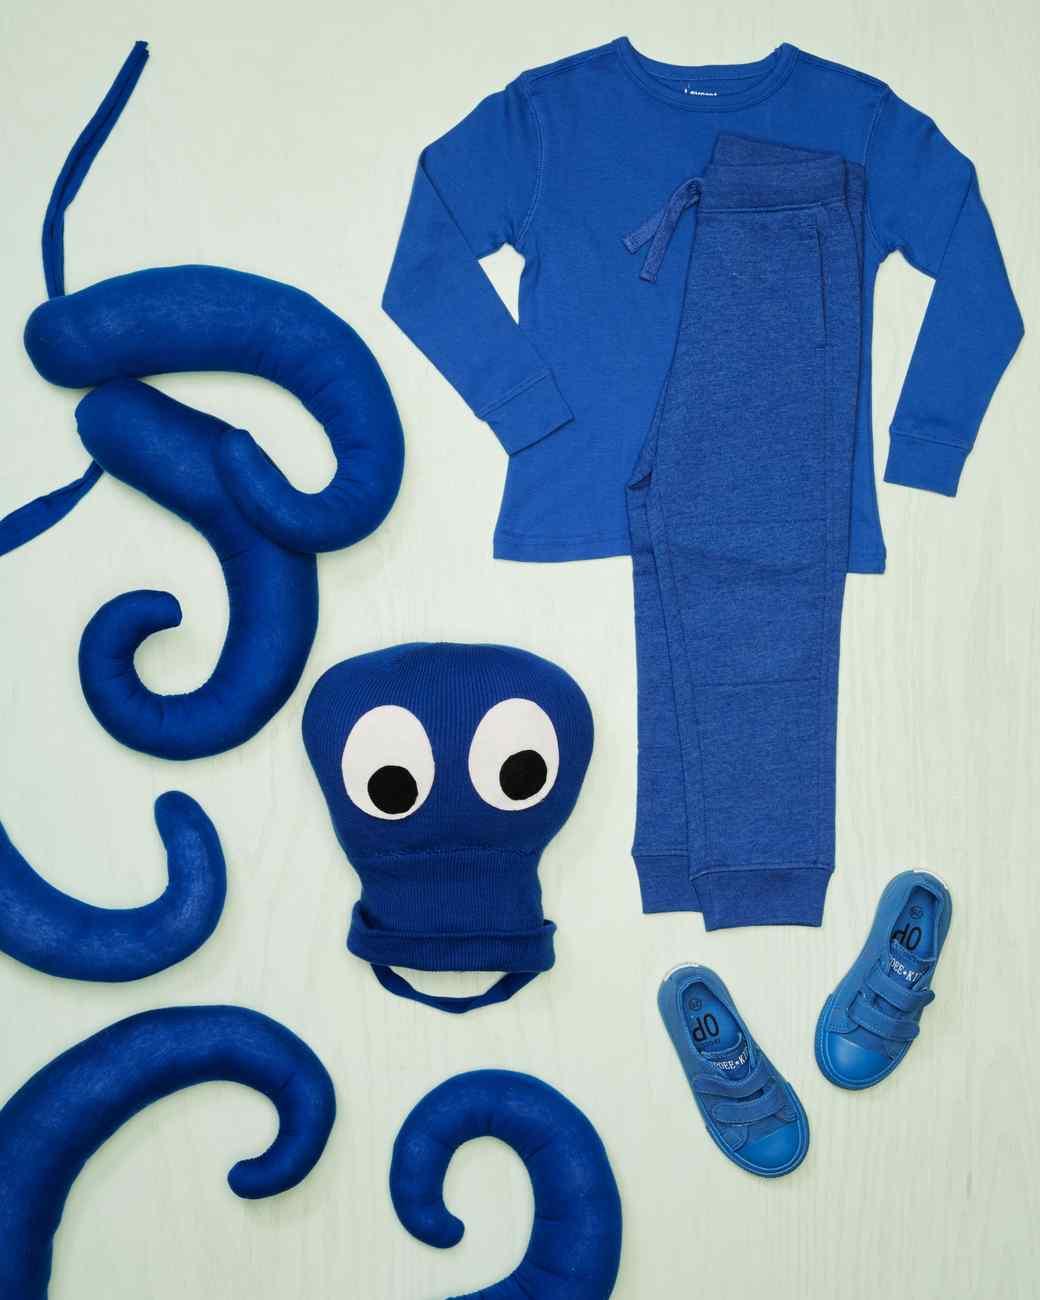 octopus costume materials